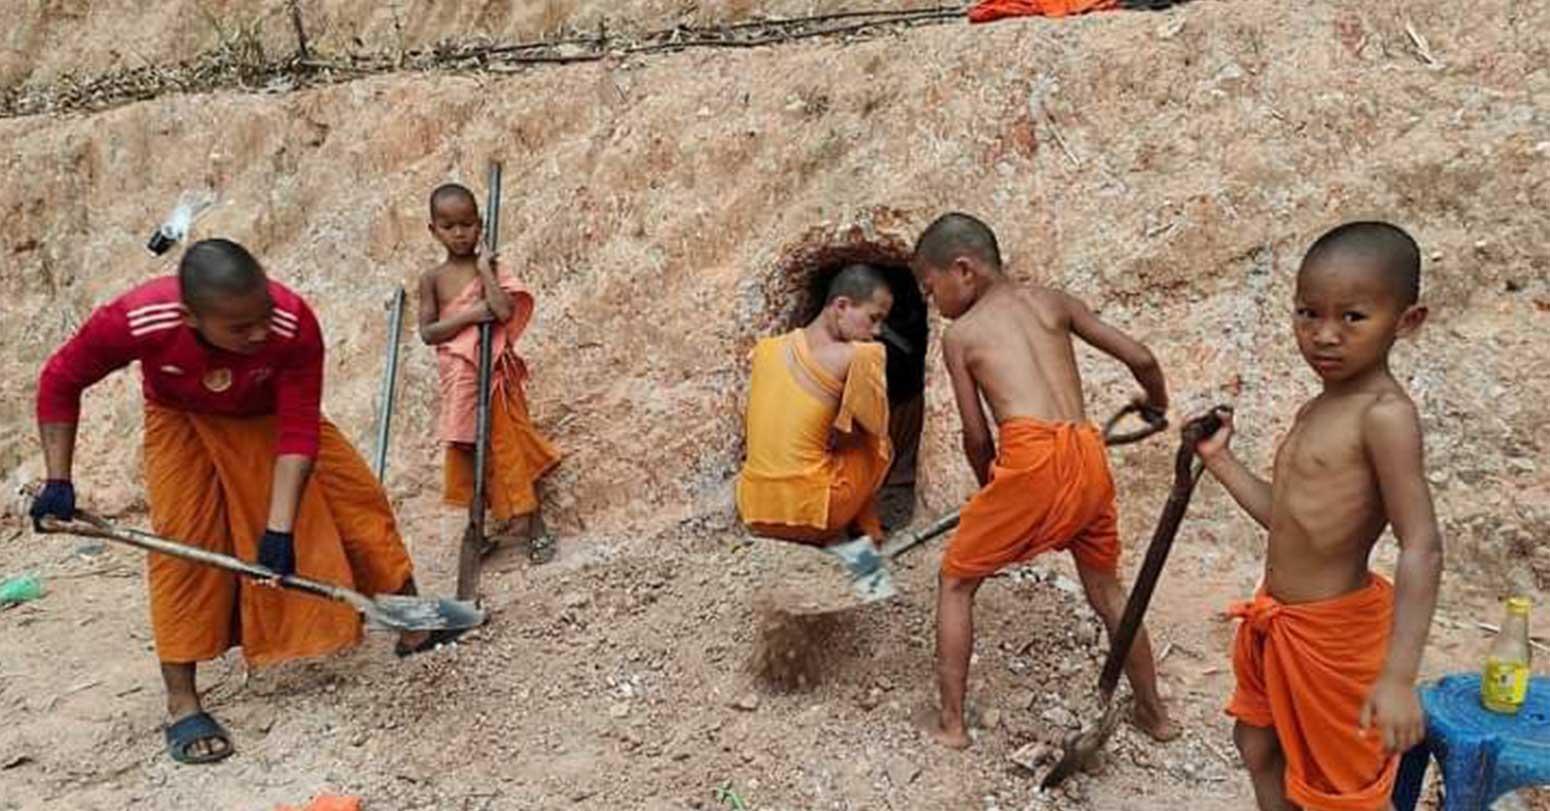 म्यानमारका भिक्षु सुरक्षित रहन बंकर बनाउँदै